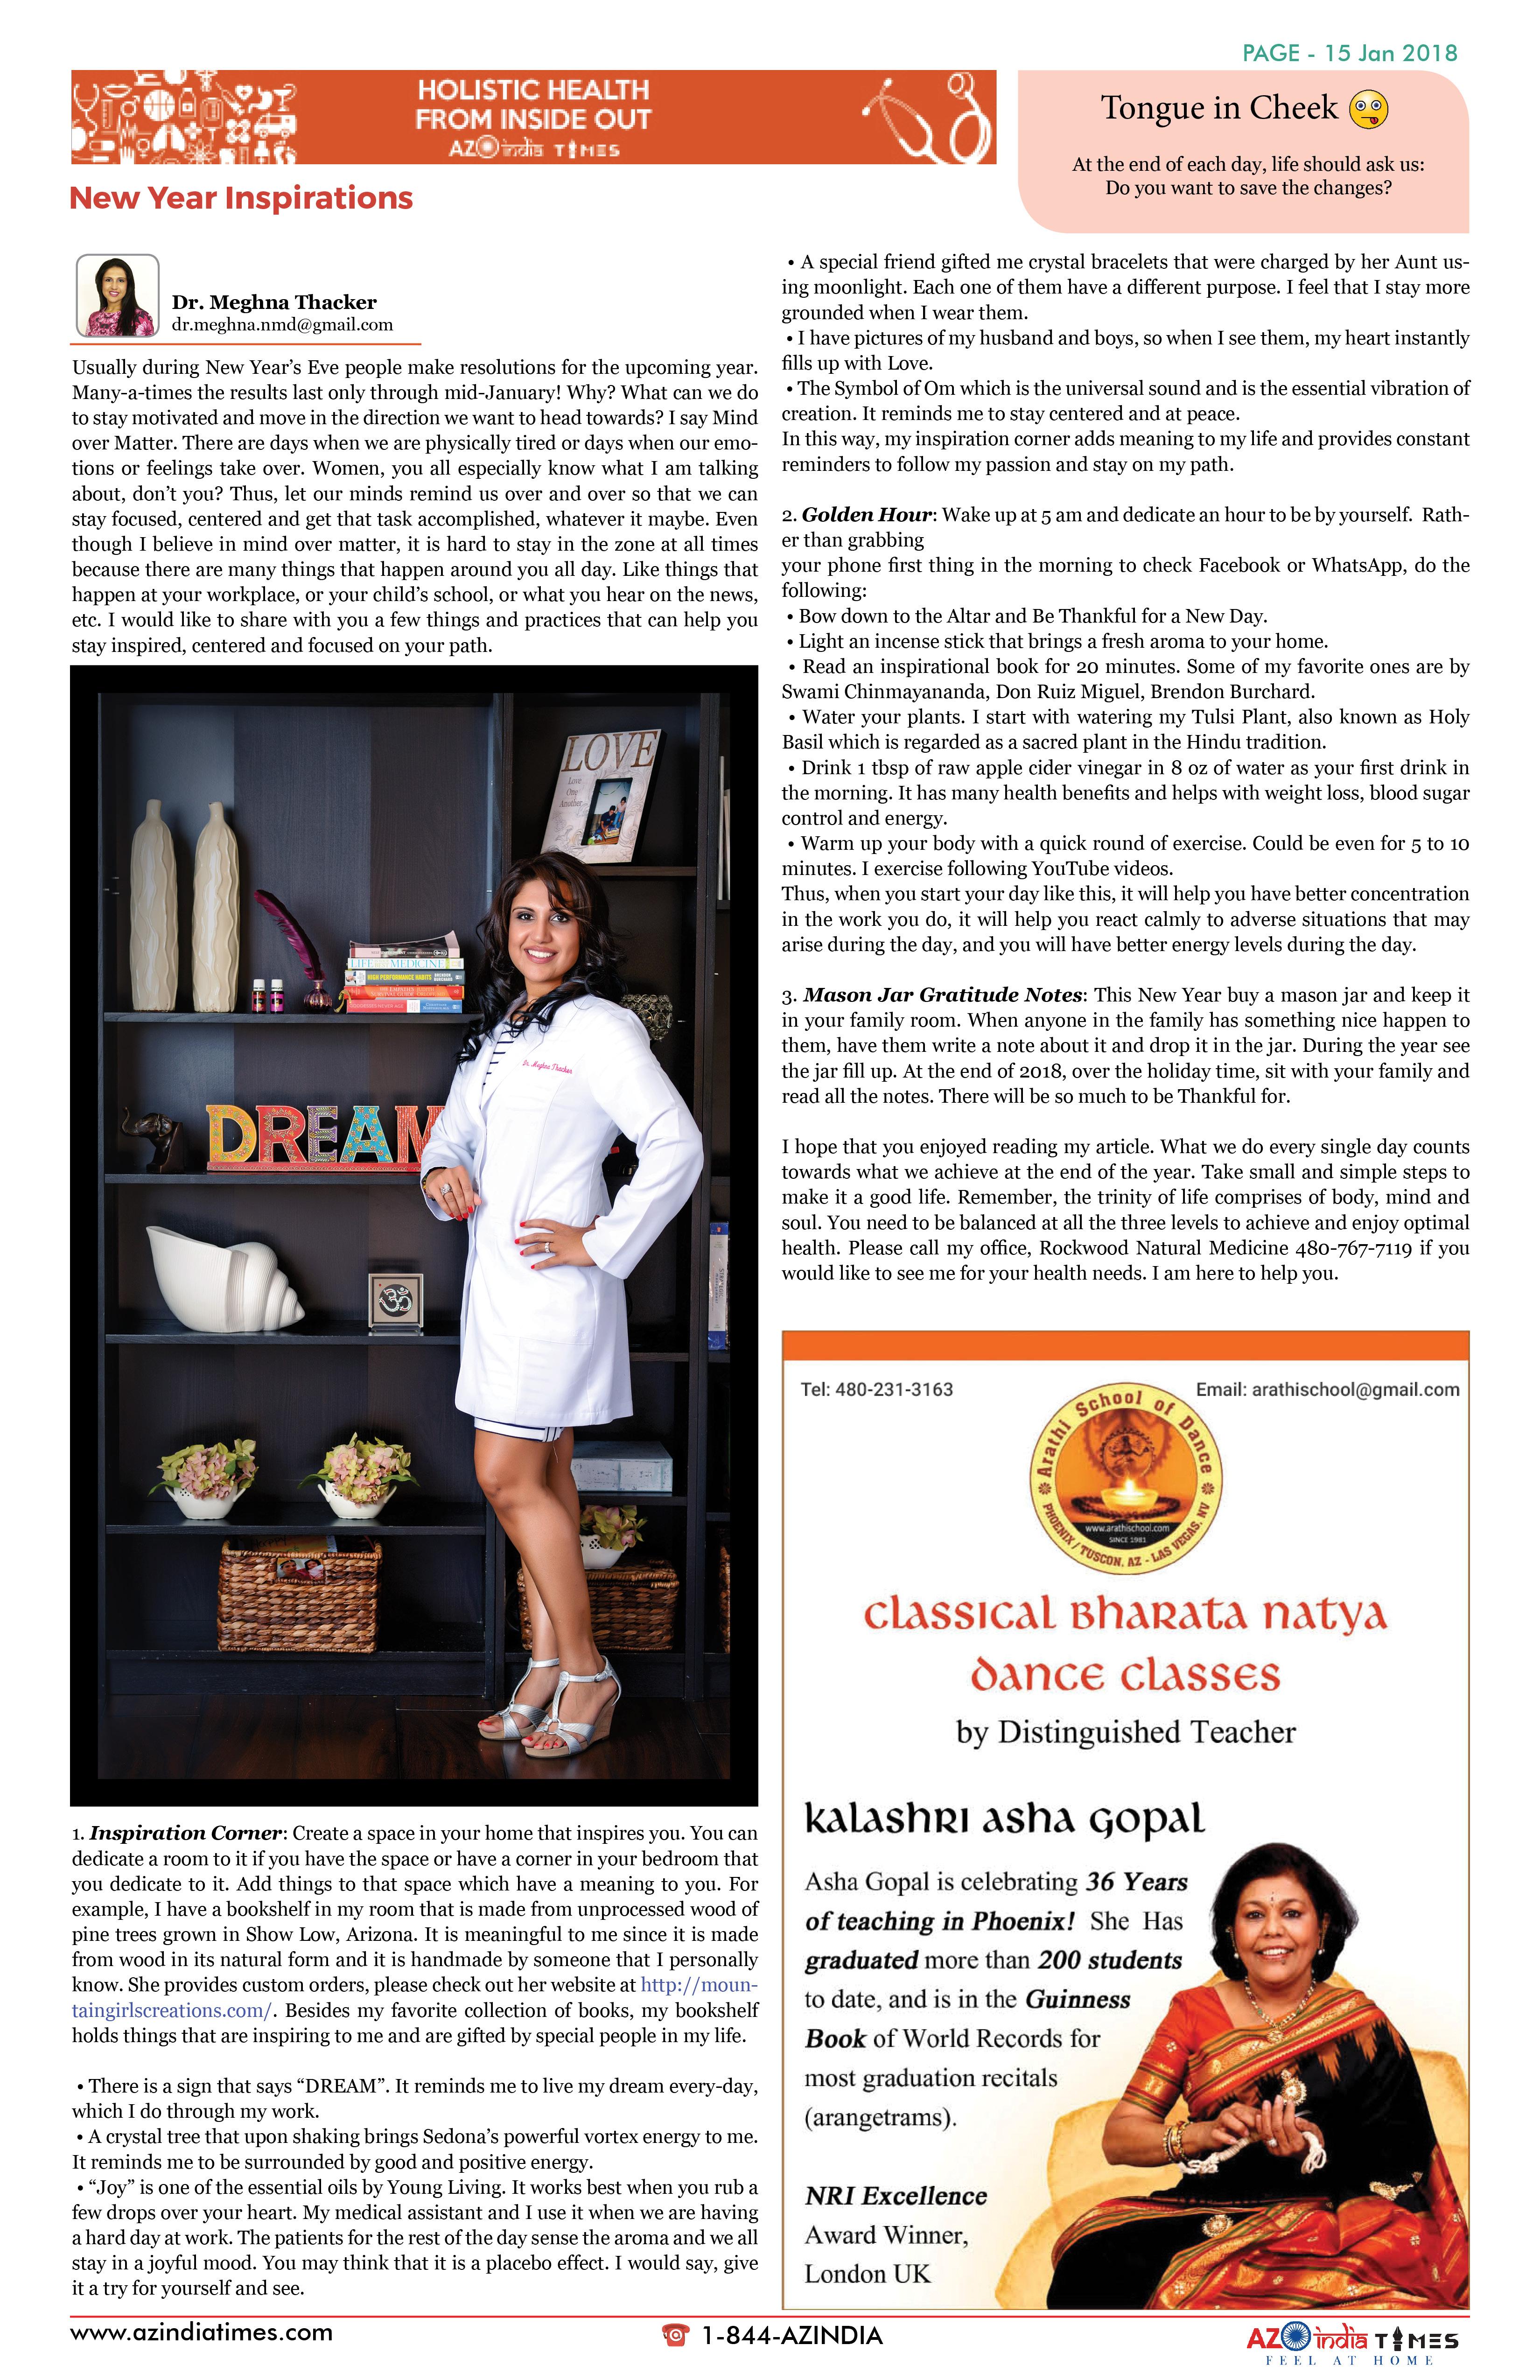 AZINIDA TIMES JANUARY EDITION15